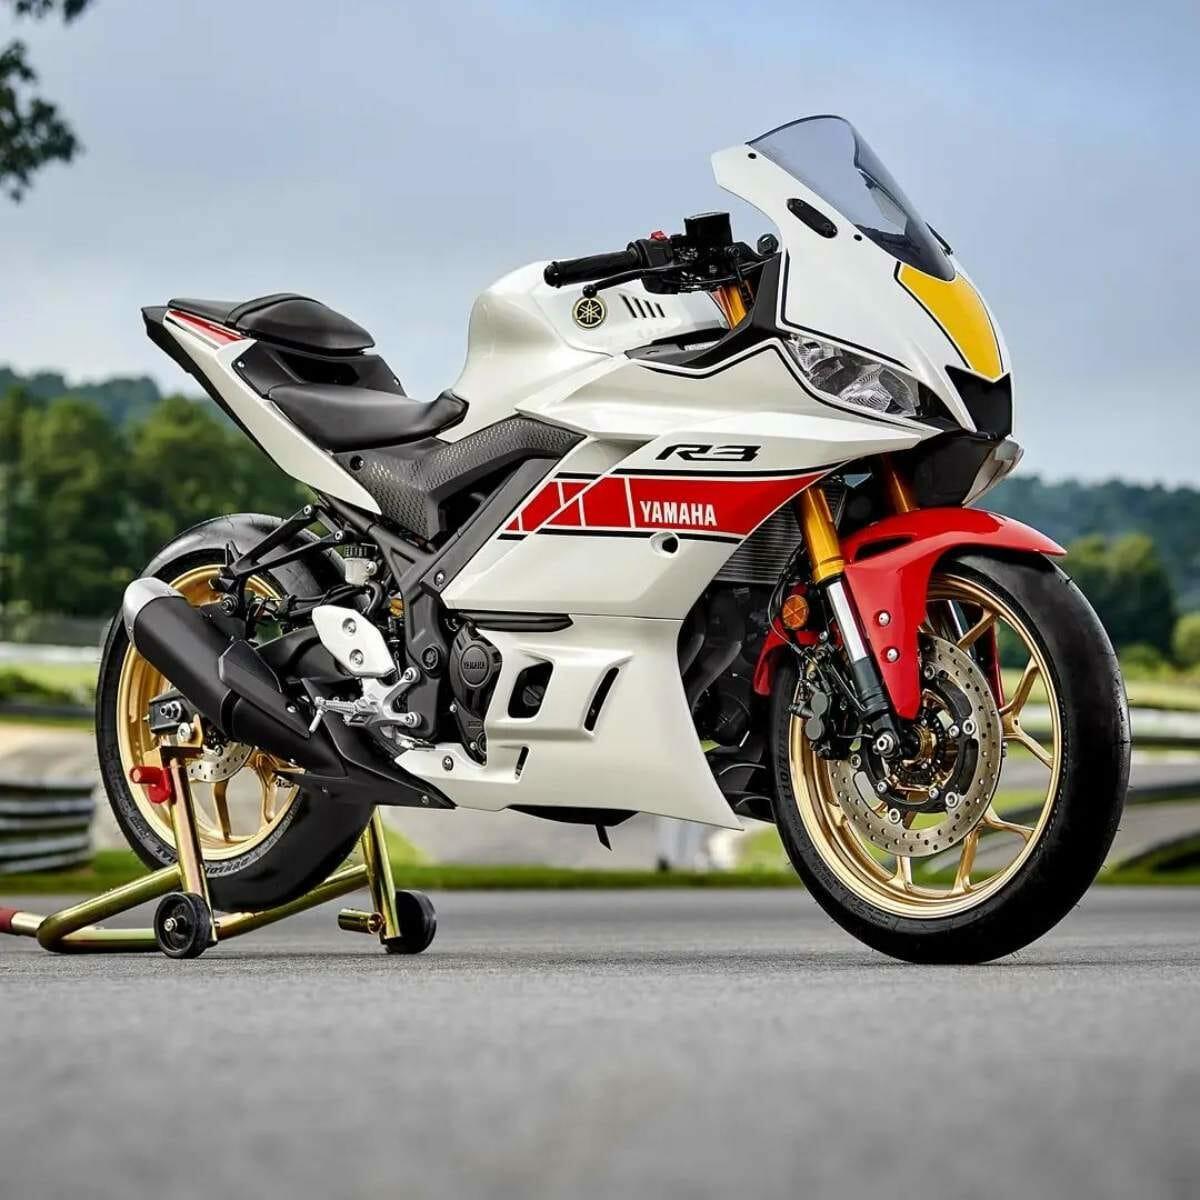 Yamaha R3 (2)